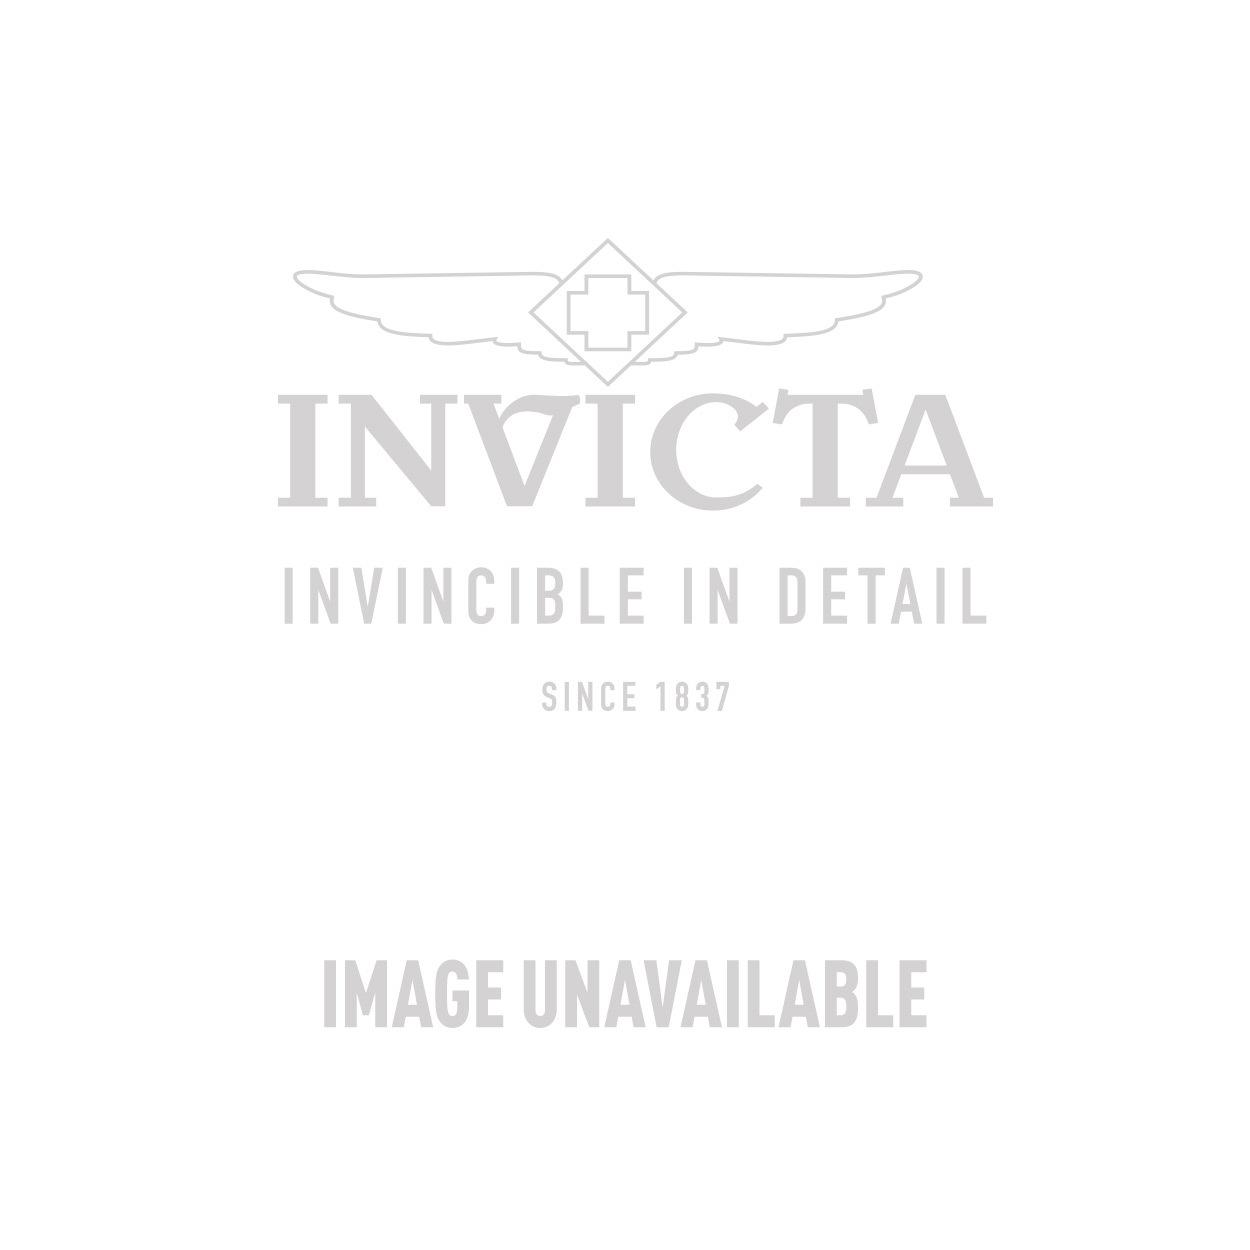 Invicta Model 28656